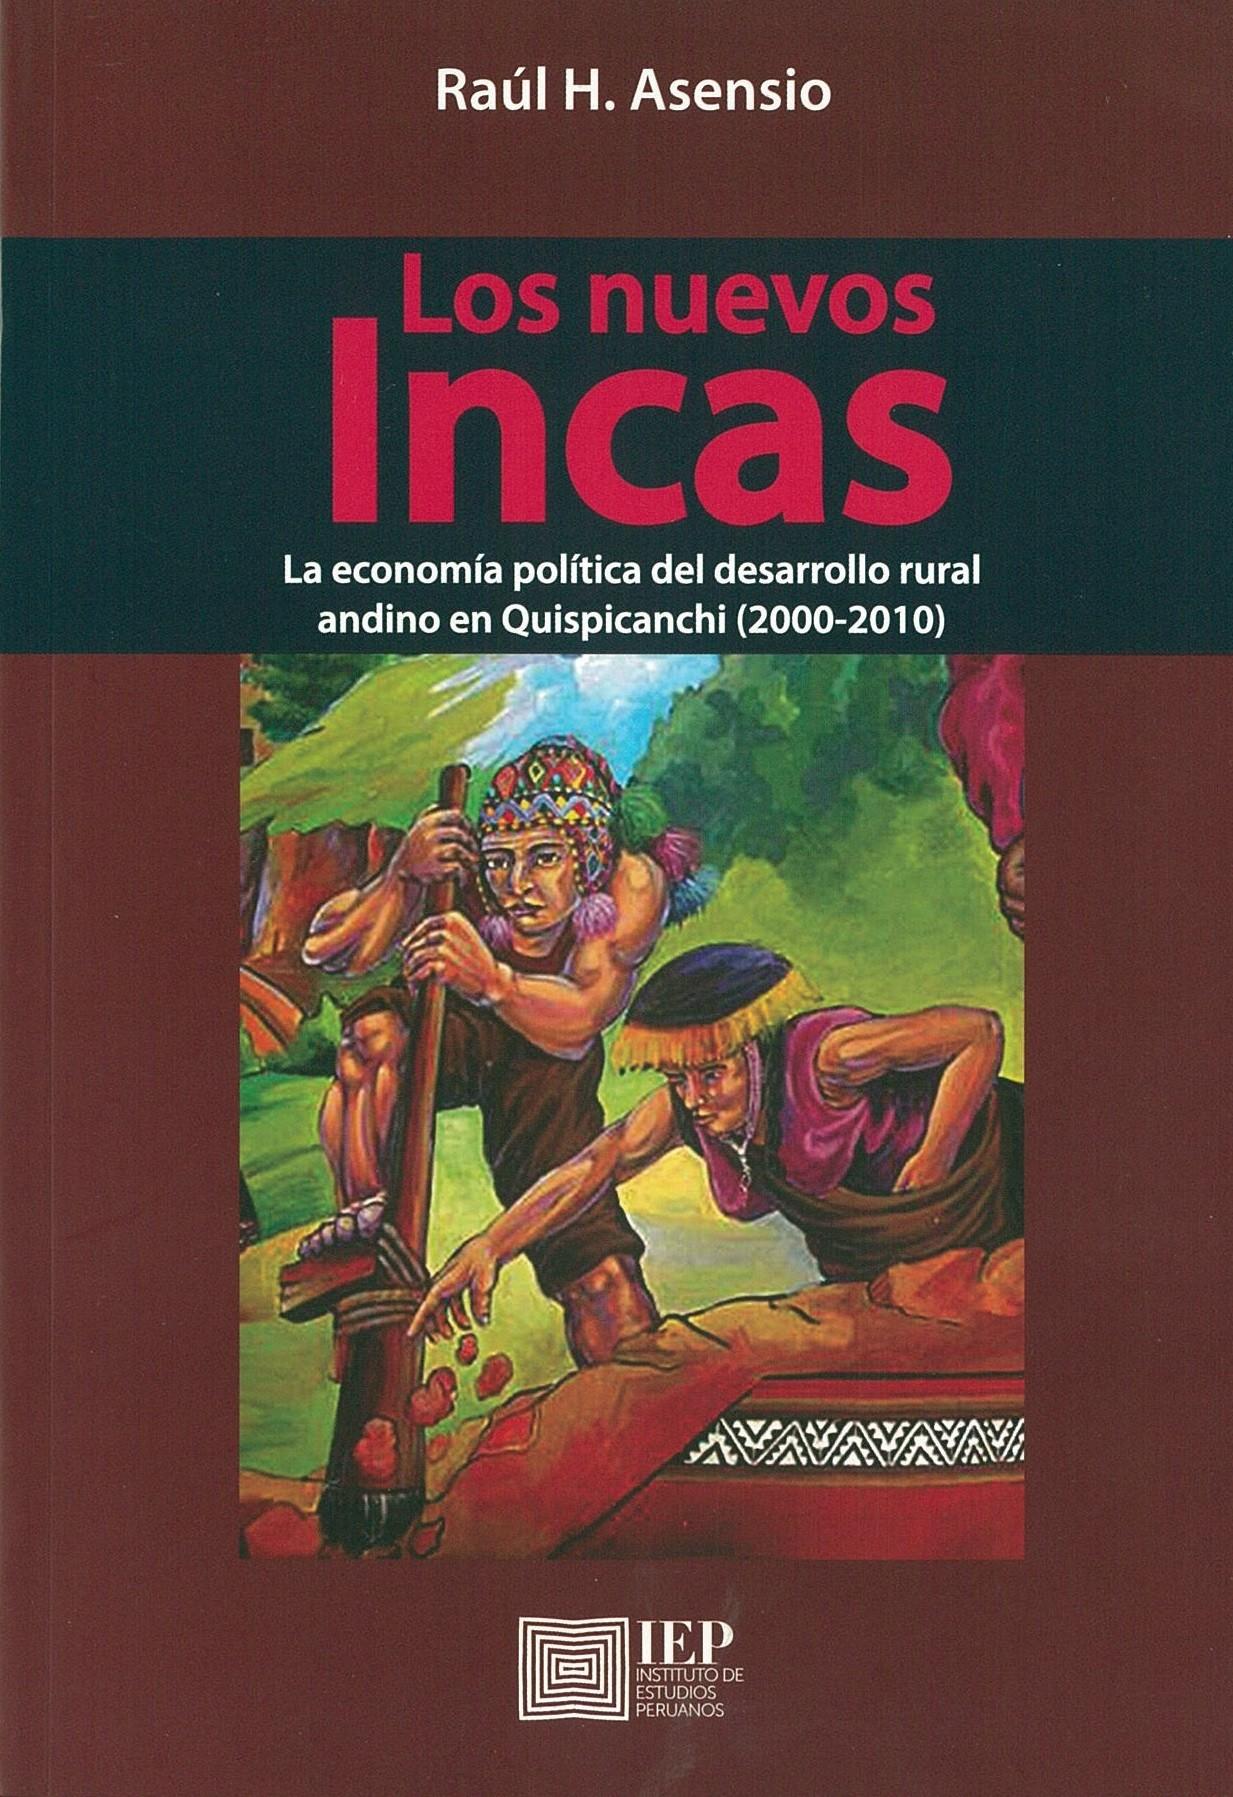 Los nuevos Incas